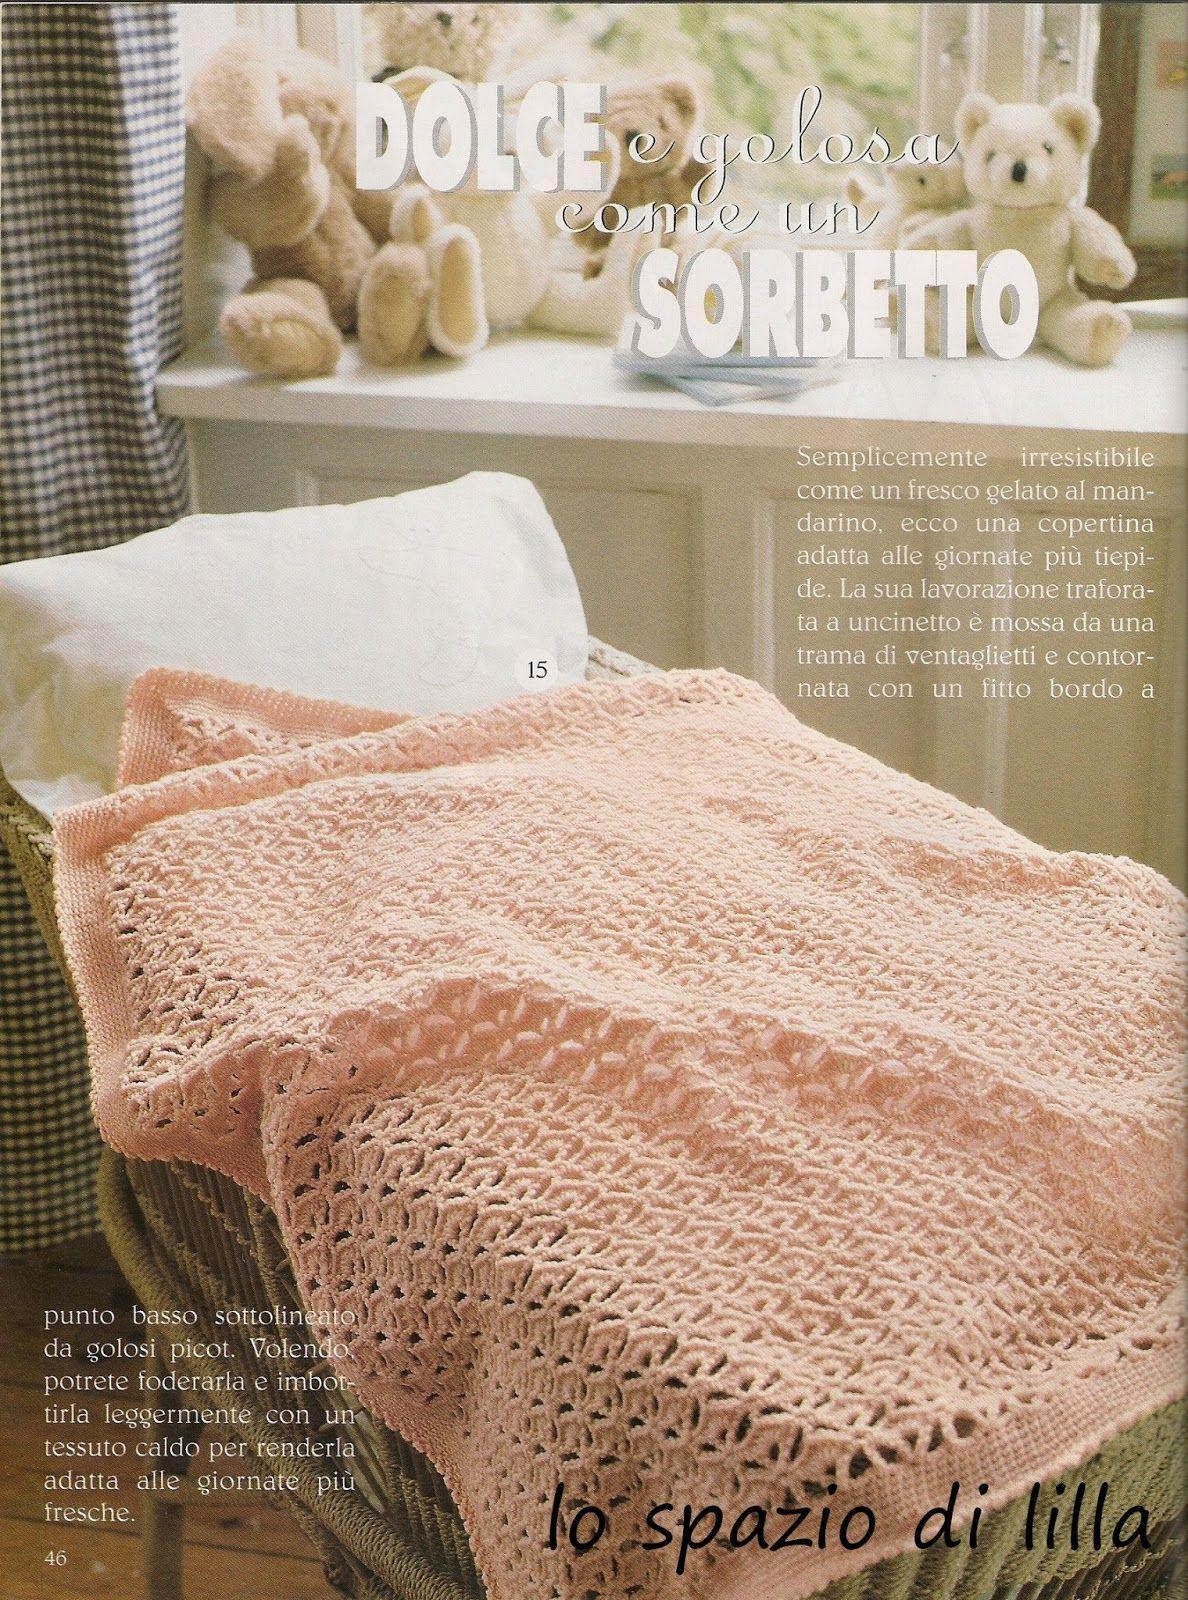 Lo spazio di lilla copertine beb coperte copertine e for Lo spazio di lilla copertine neonato